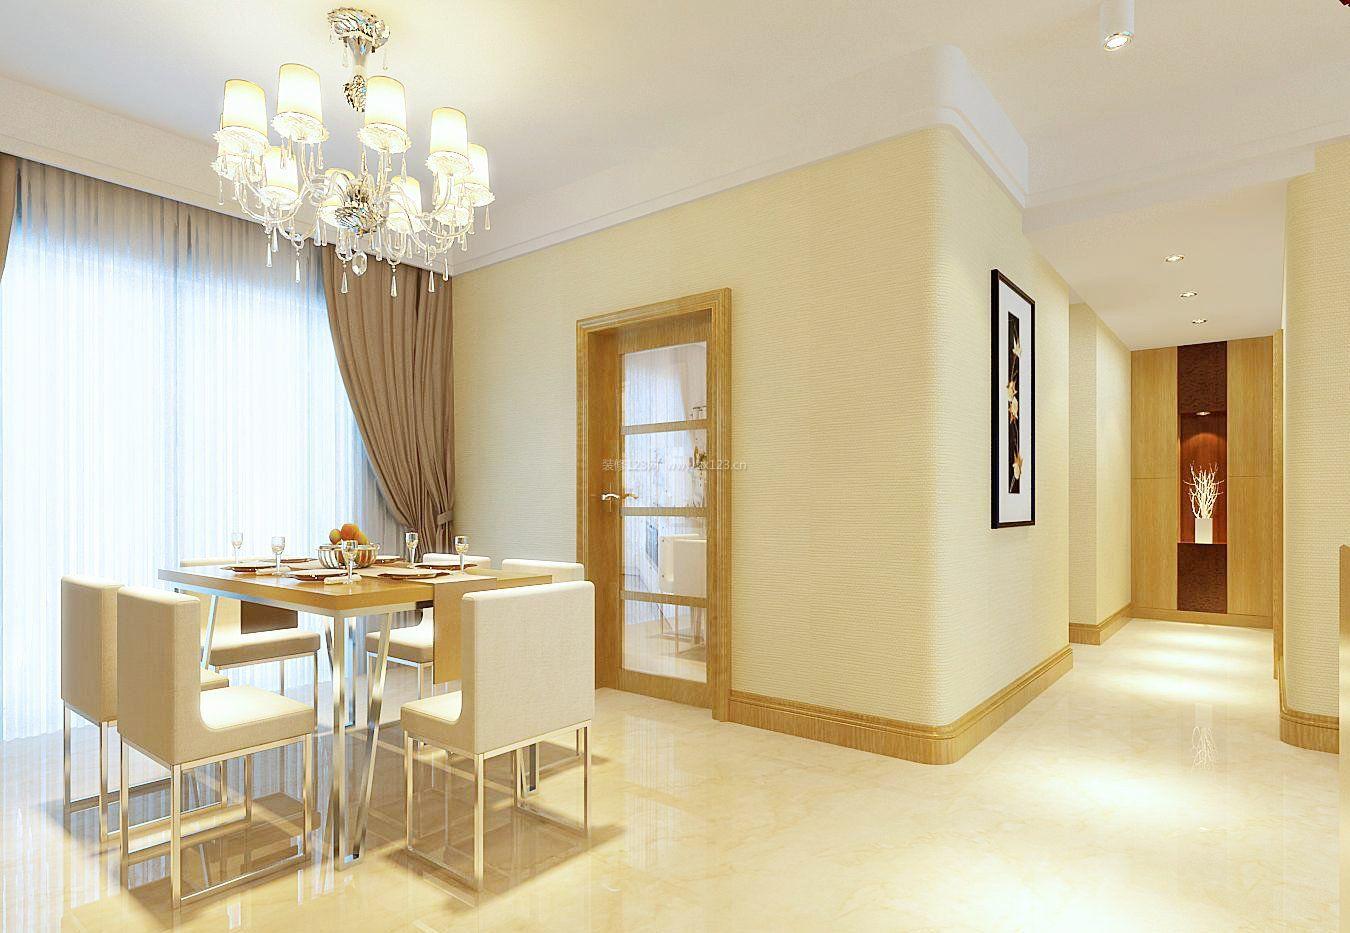 现代简约风格房子餐厅设计装修图片